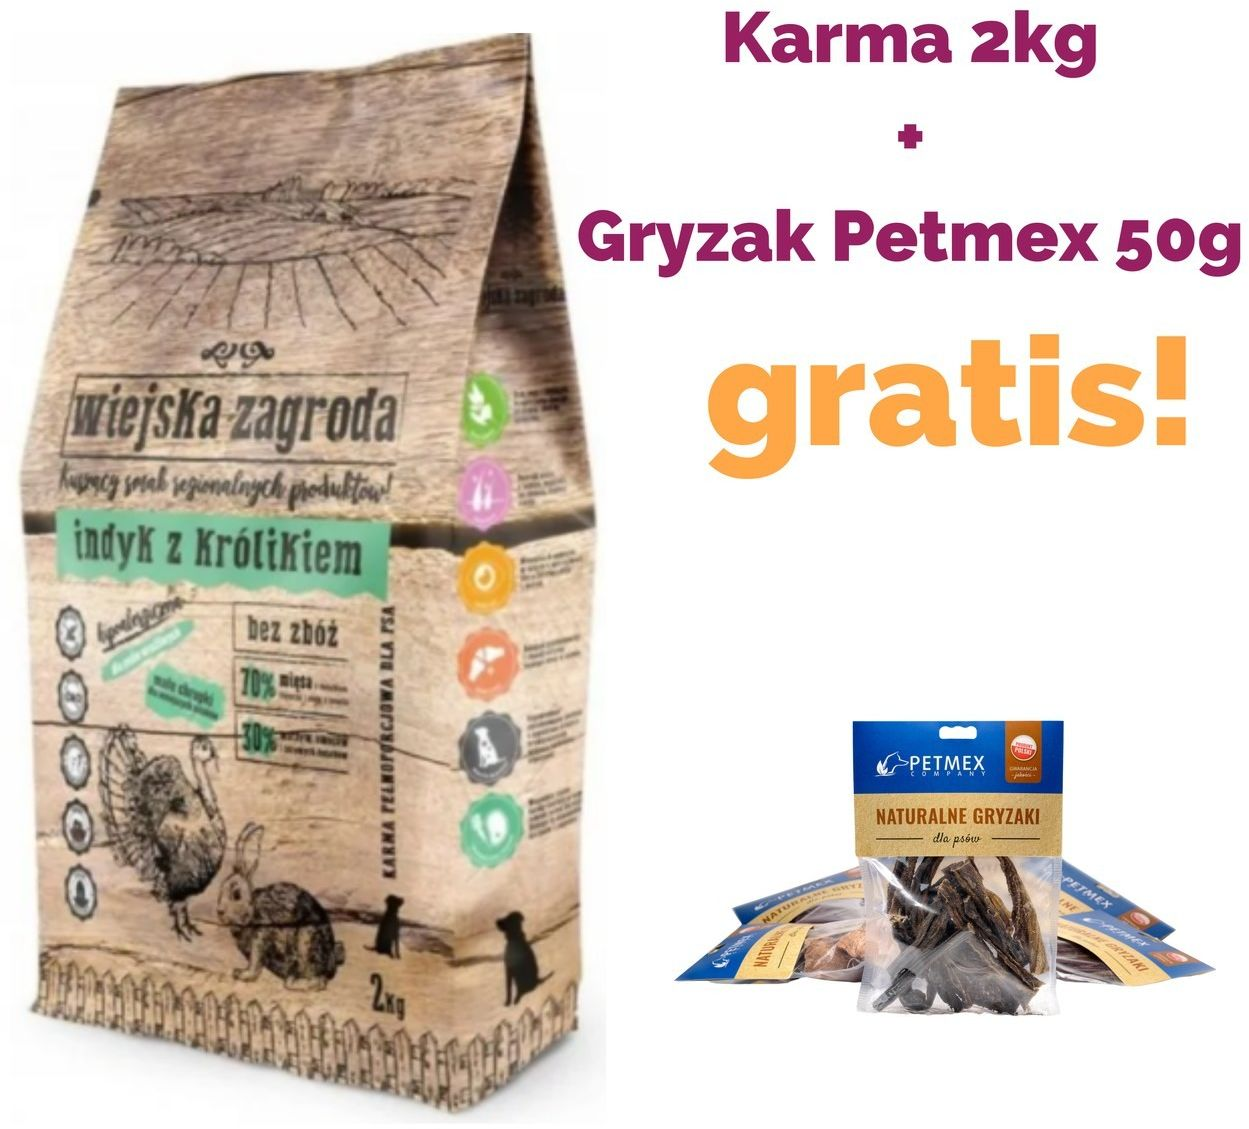 WIEJSKA ZAGRODA  Indyk z królikiem karma sucha dla psa 2kg + PETMEX 50G